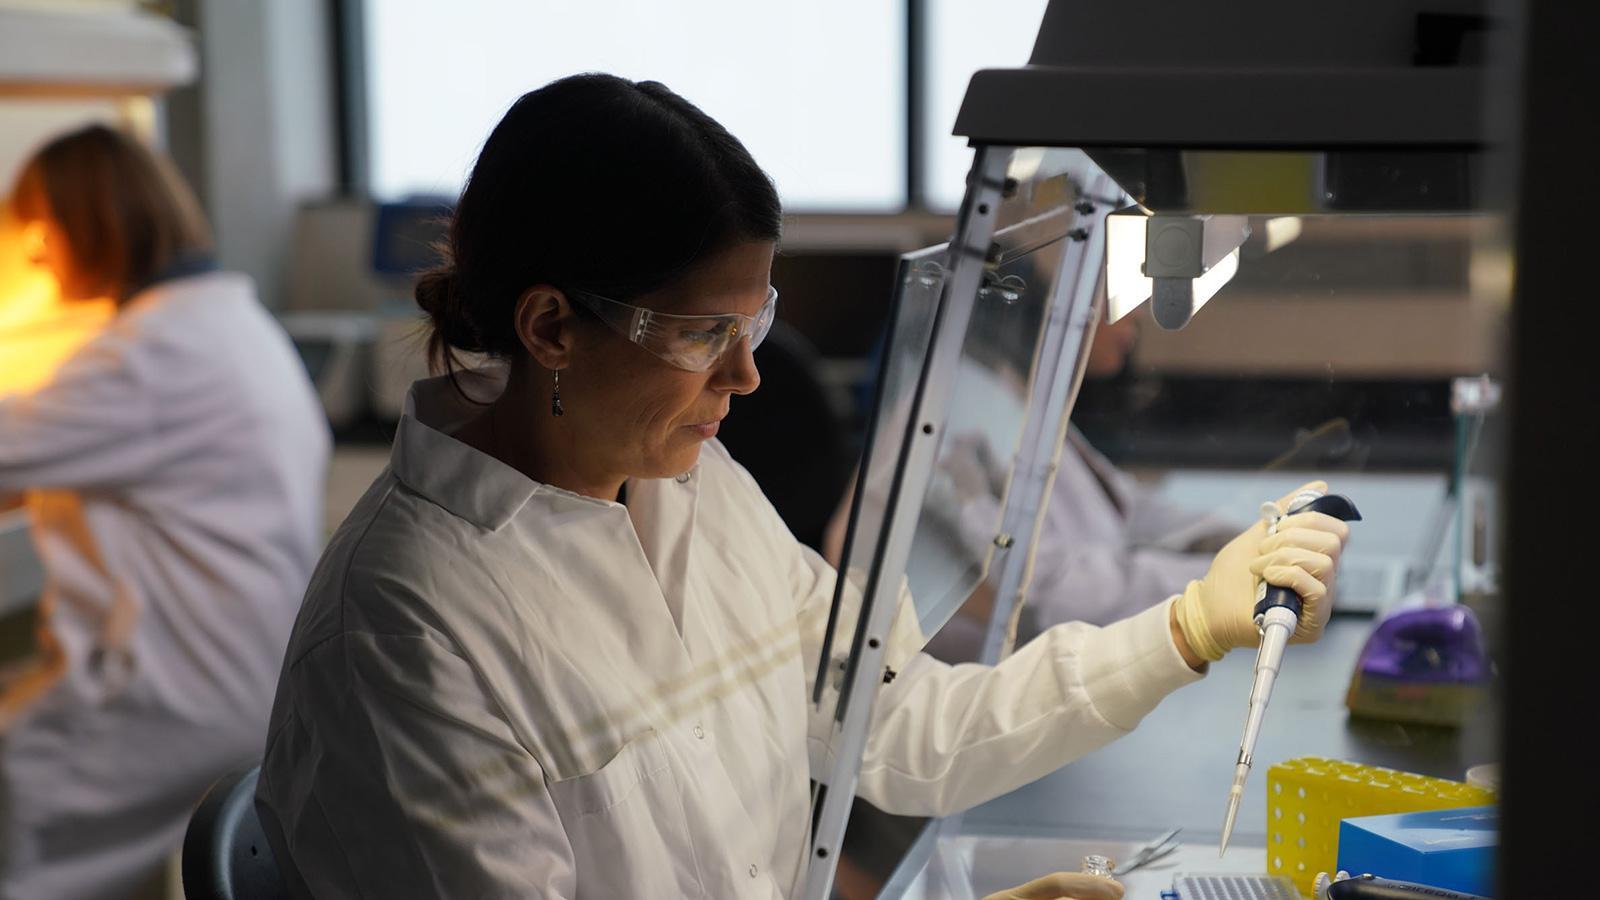 研究人员在实验室用移液管工作